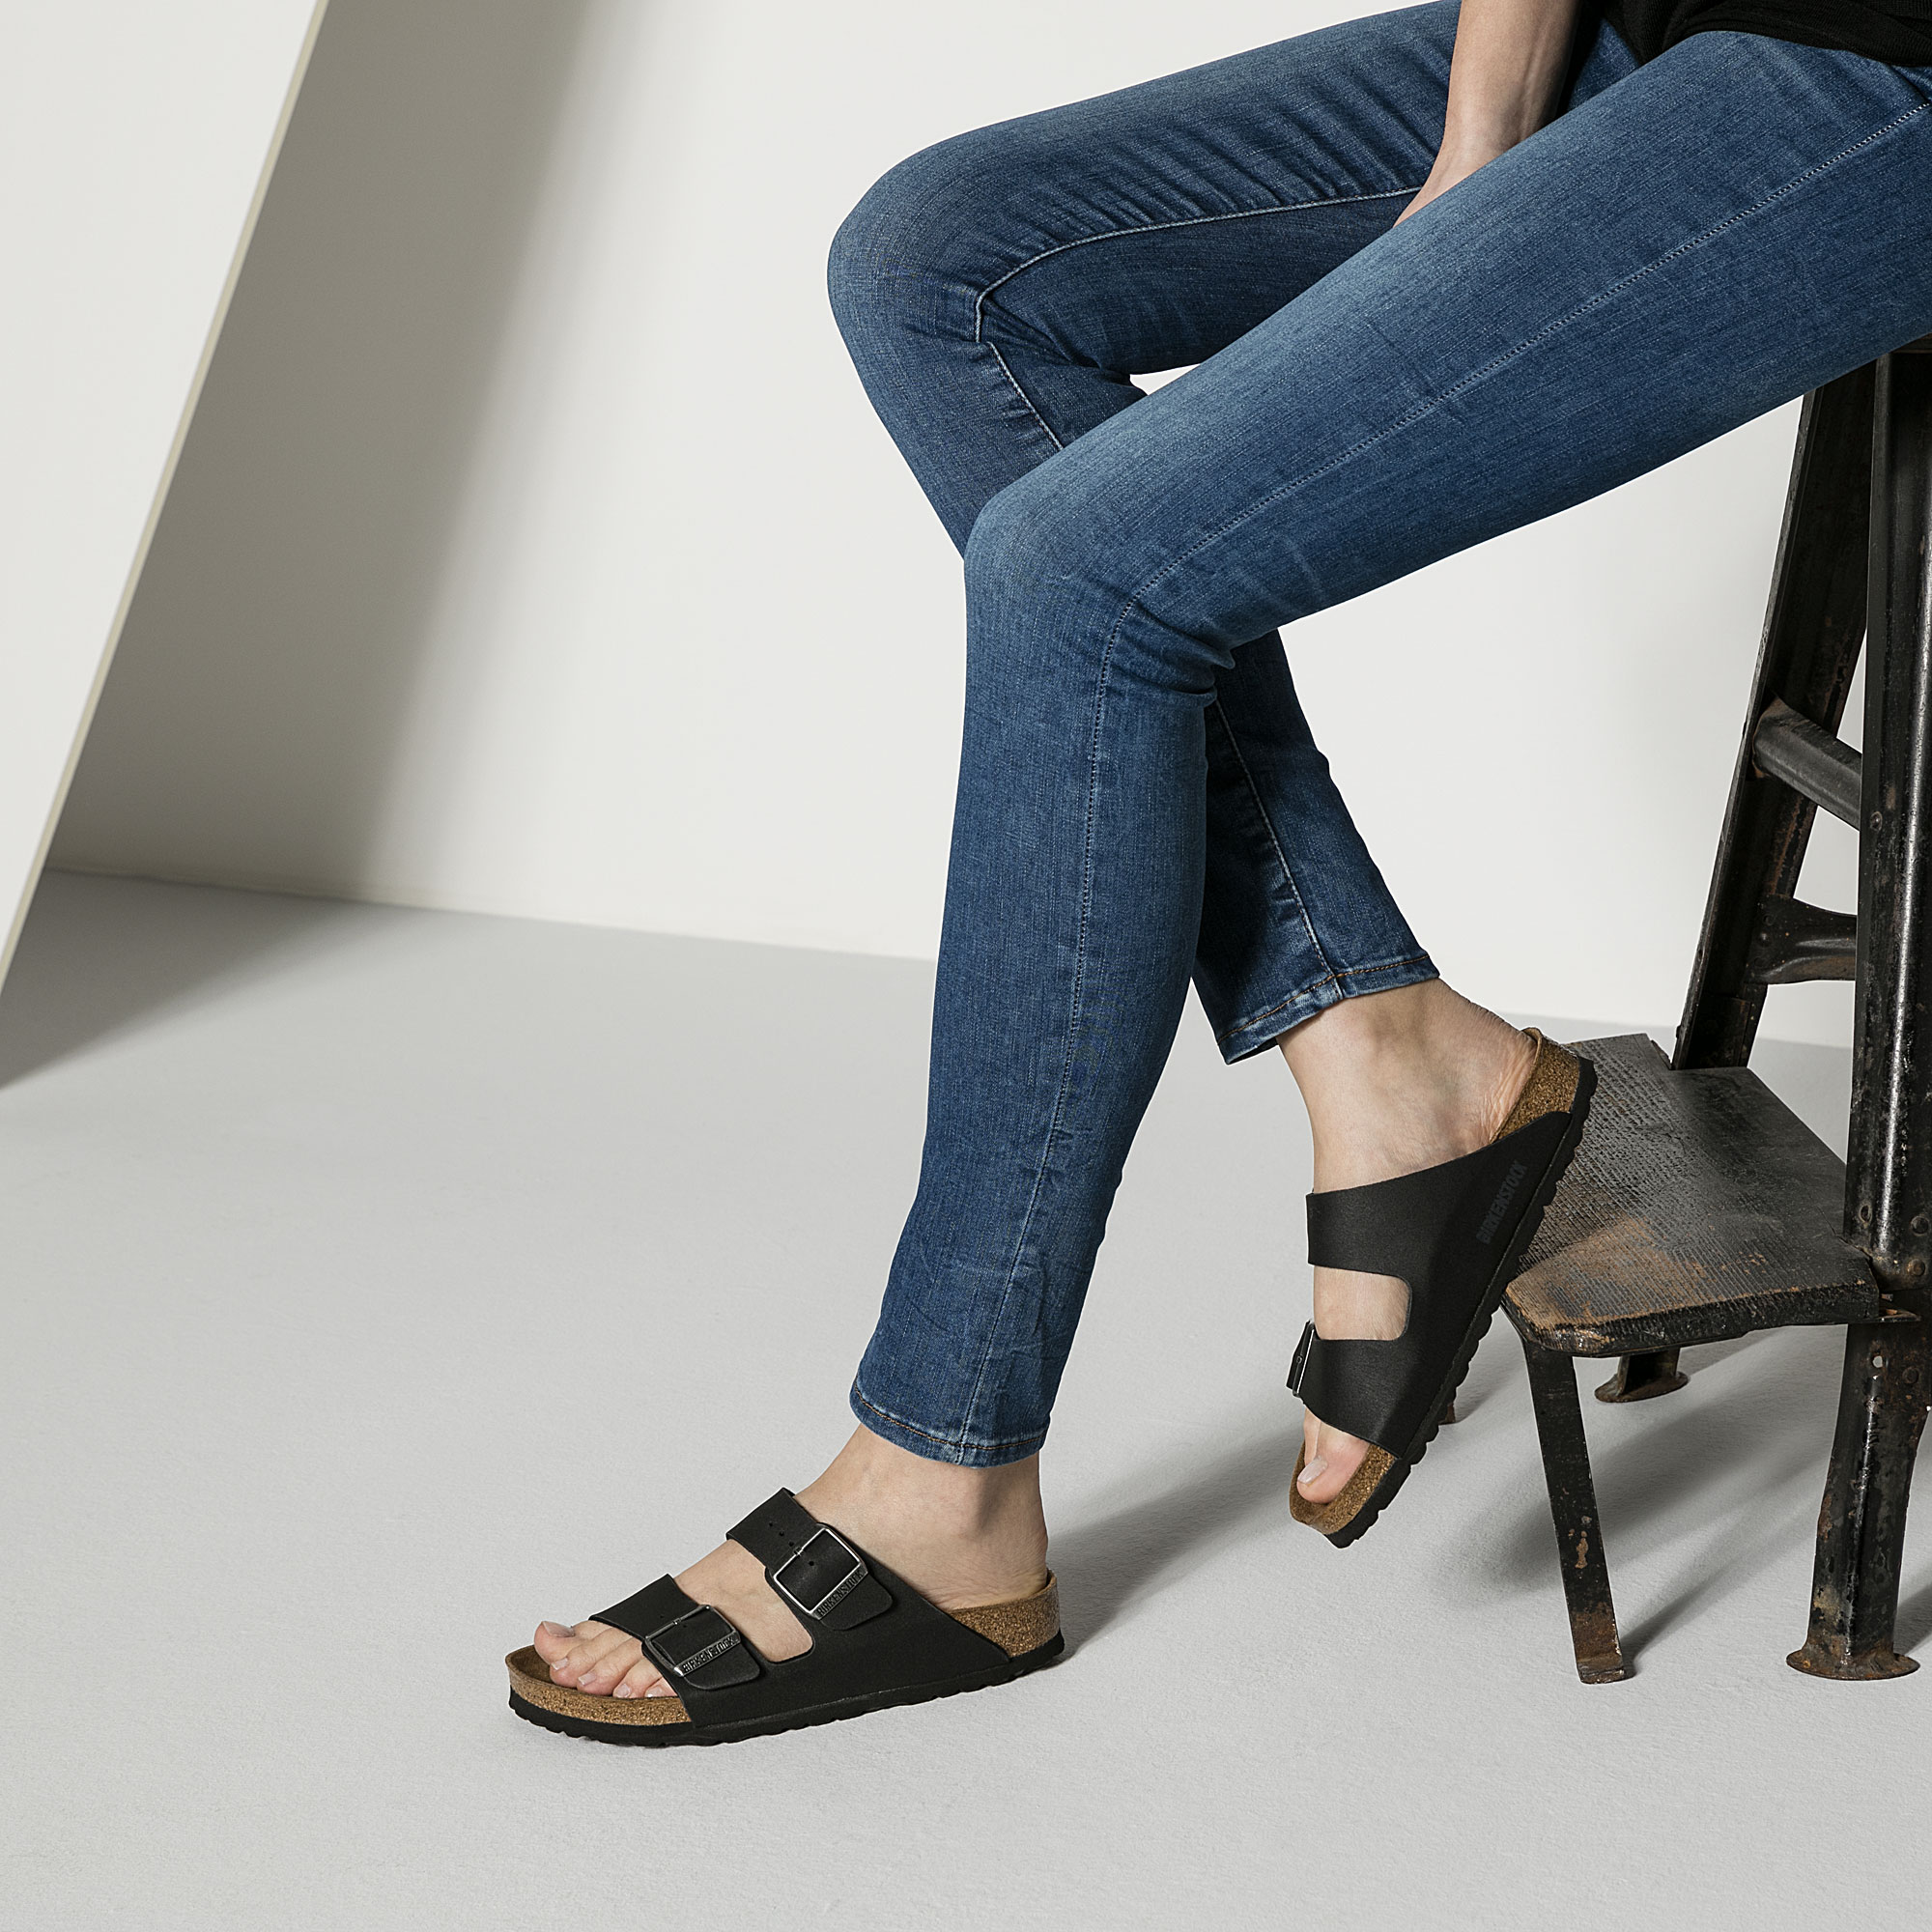 Birkenstock Arizona Sandals |